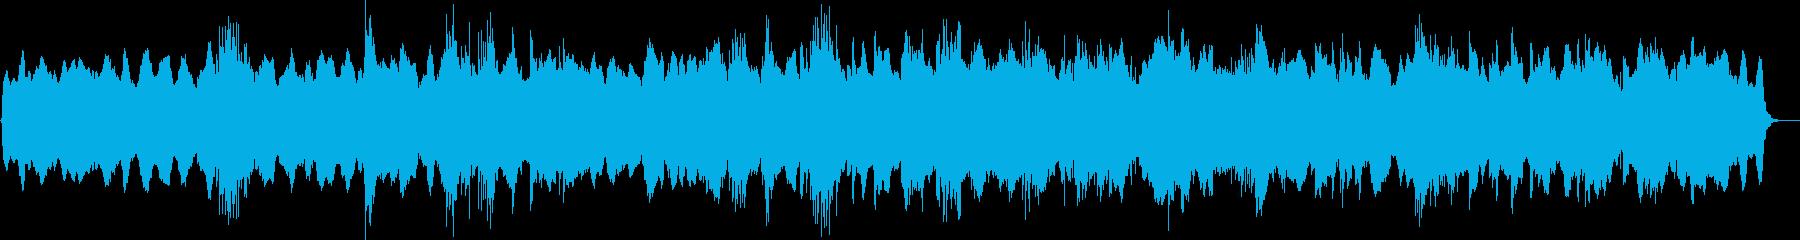 アラビアンフィーリングミュージックの再生済みの波形